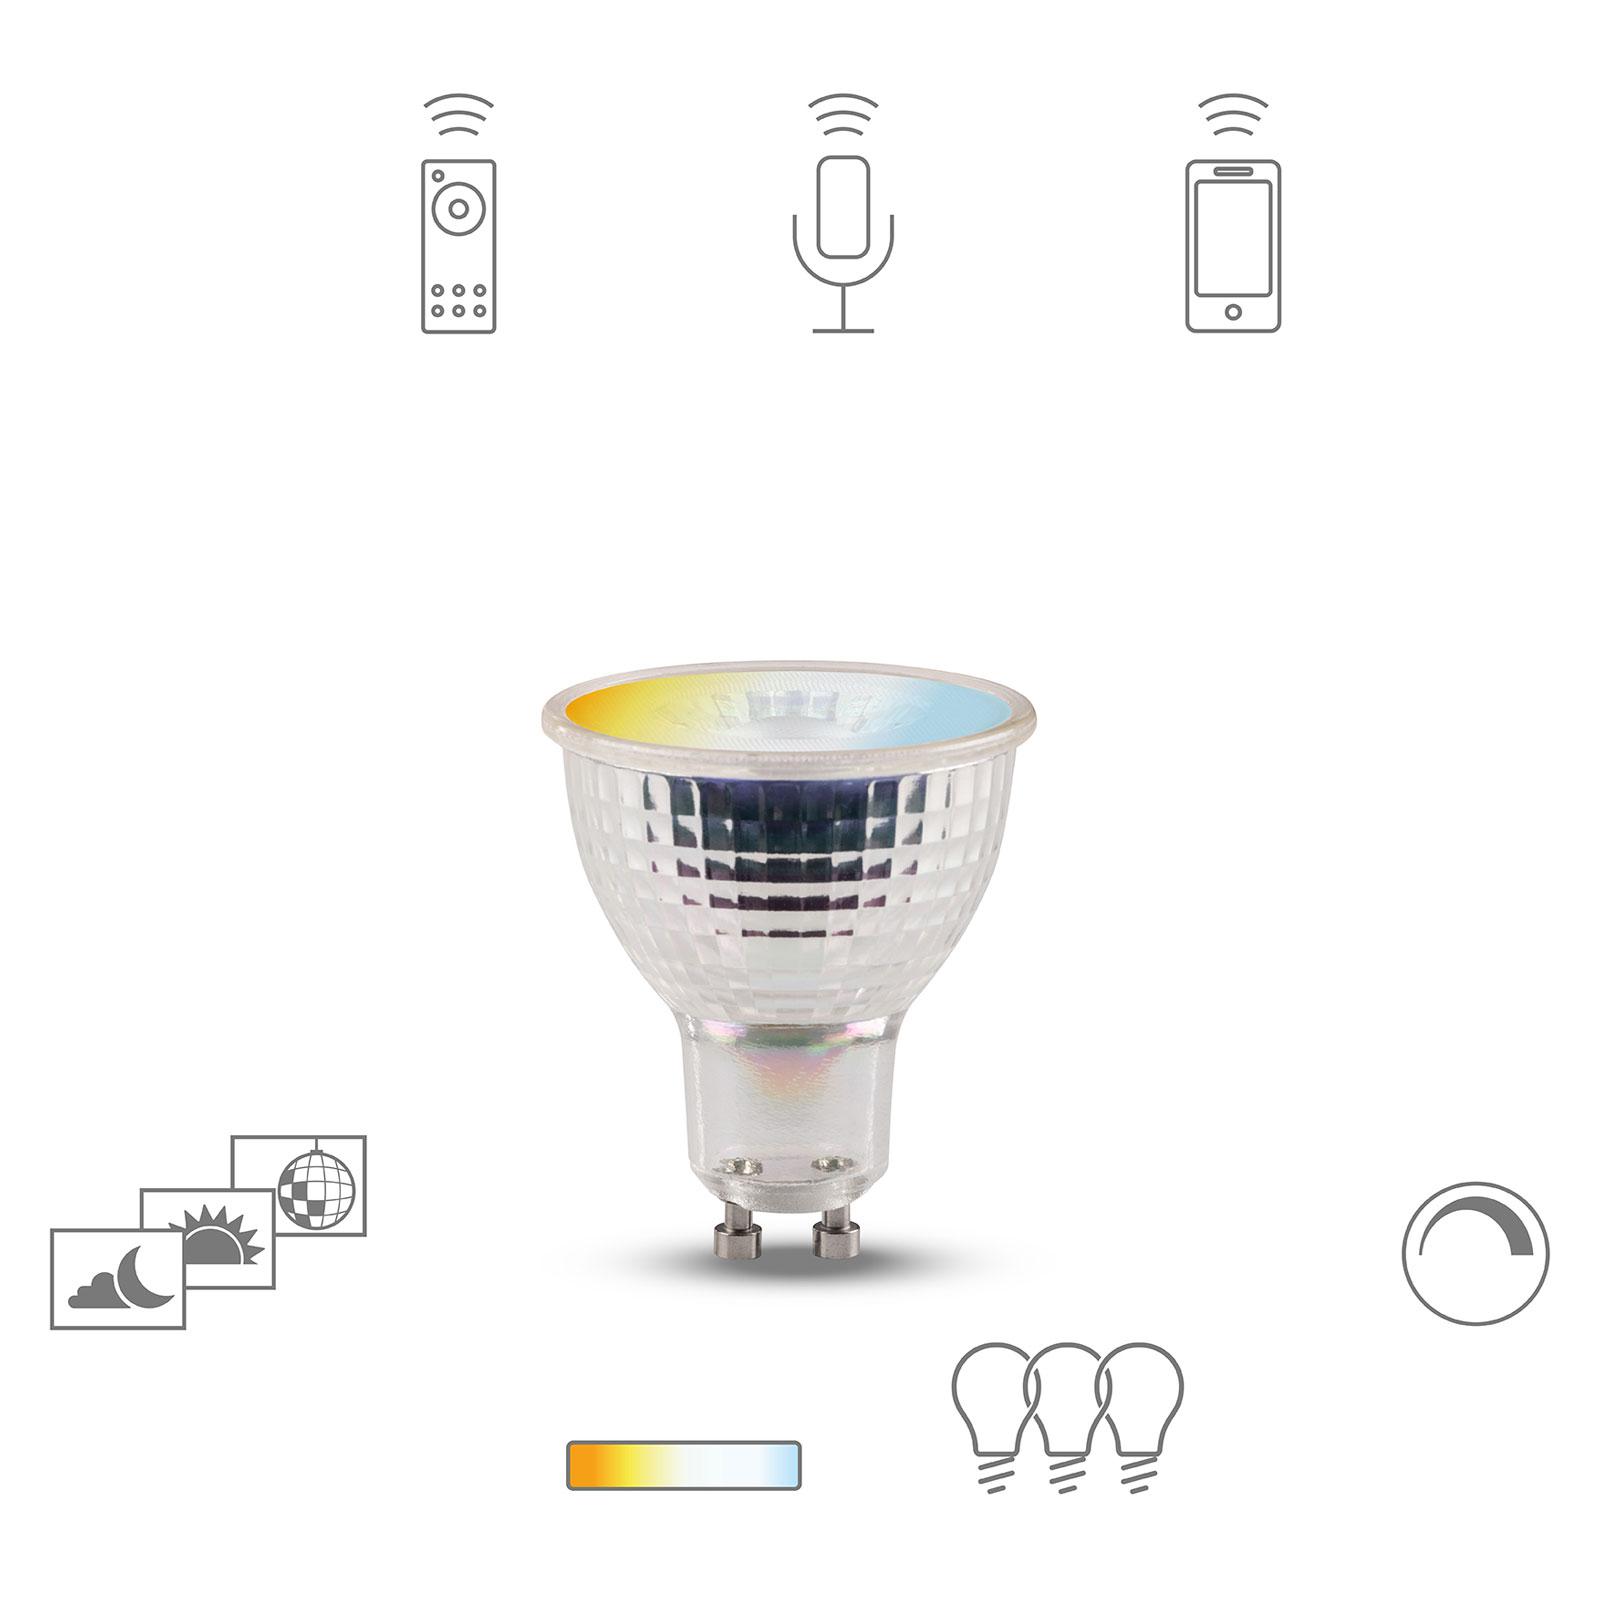 Müller Licht tint white Retro reflektor GU10 4,8 W